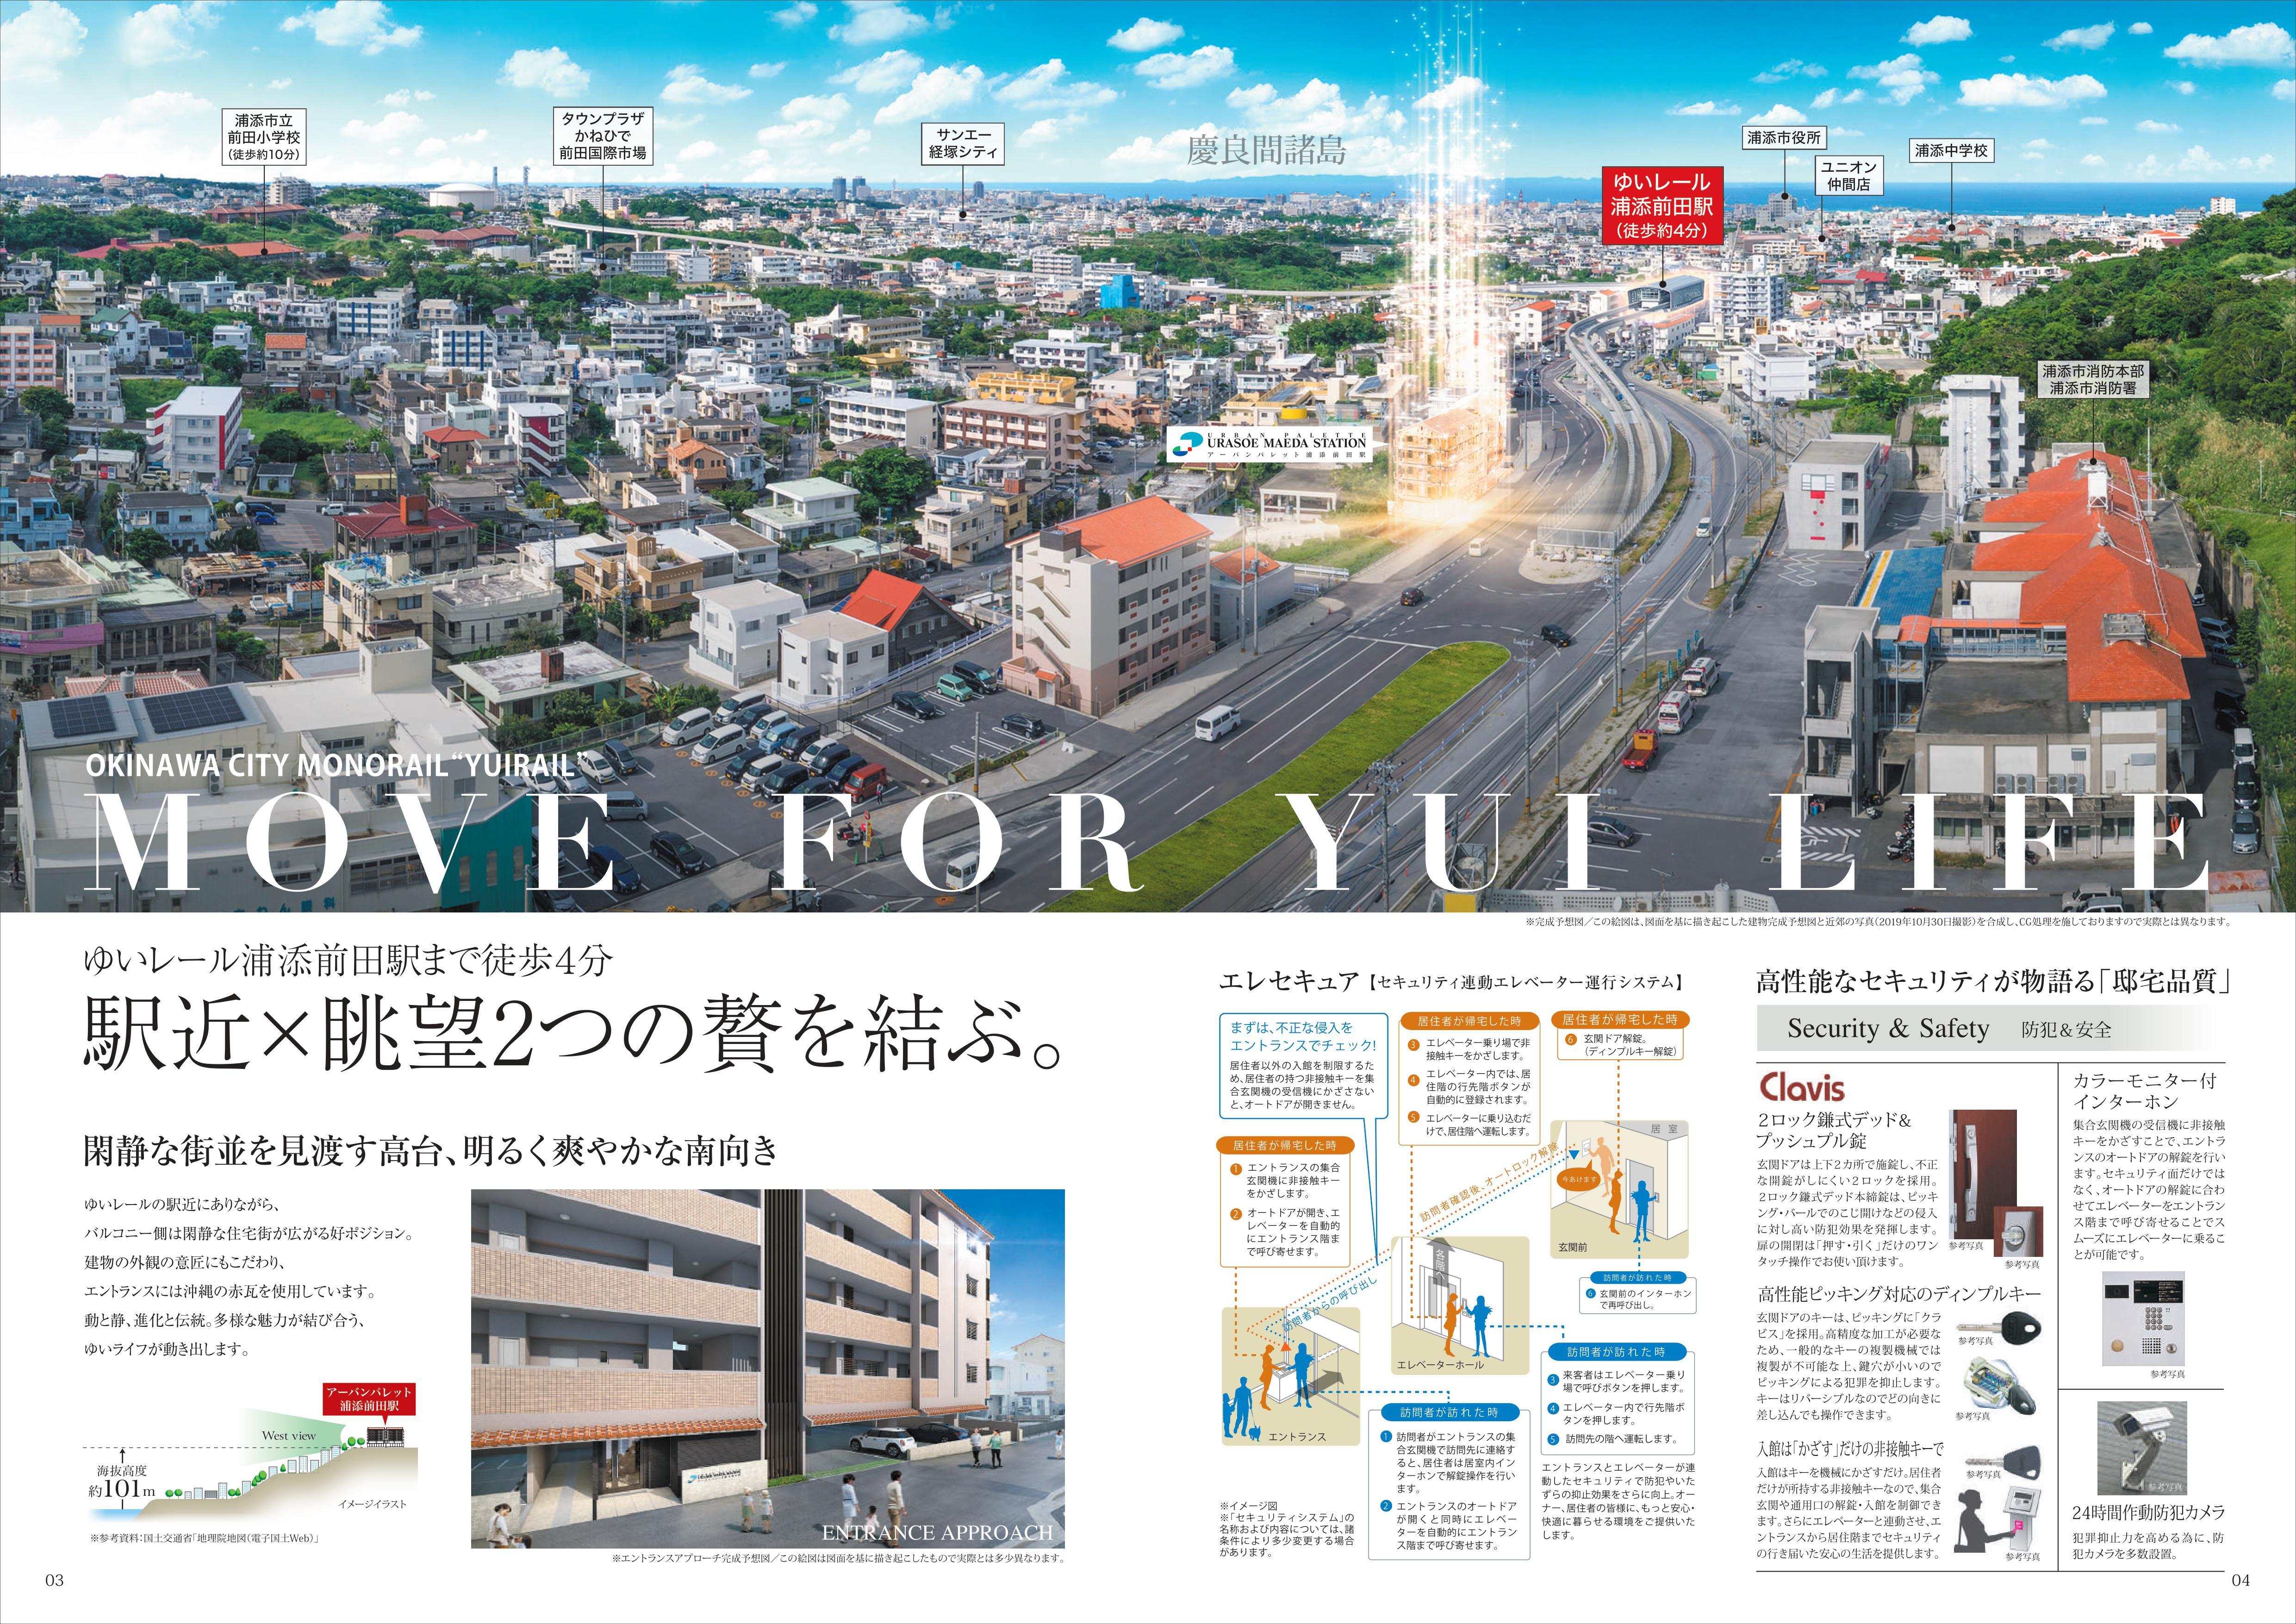 【浦添市前田】 アーバンパレット浦添前田駅 マンションギャラリー公開開始!